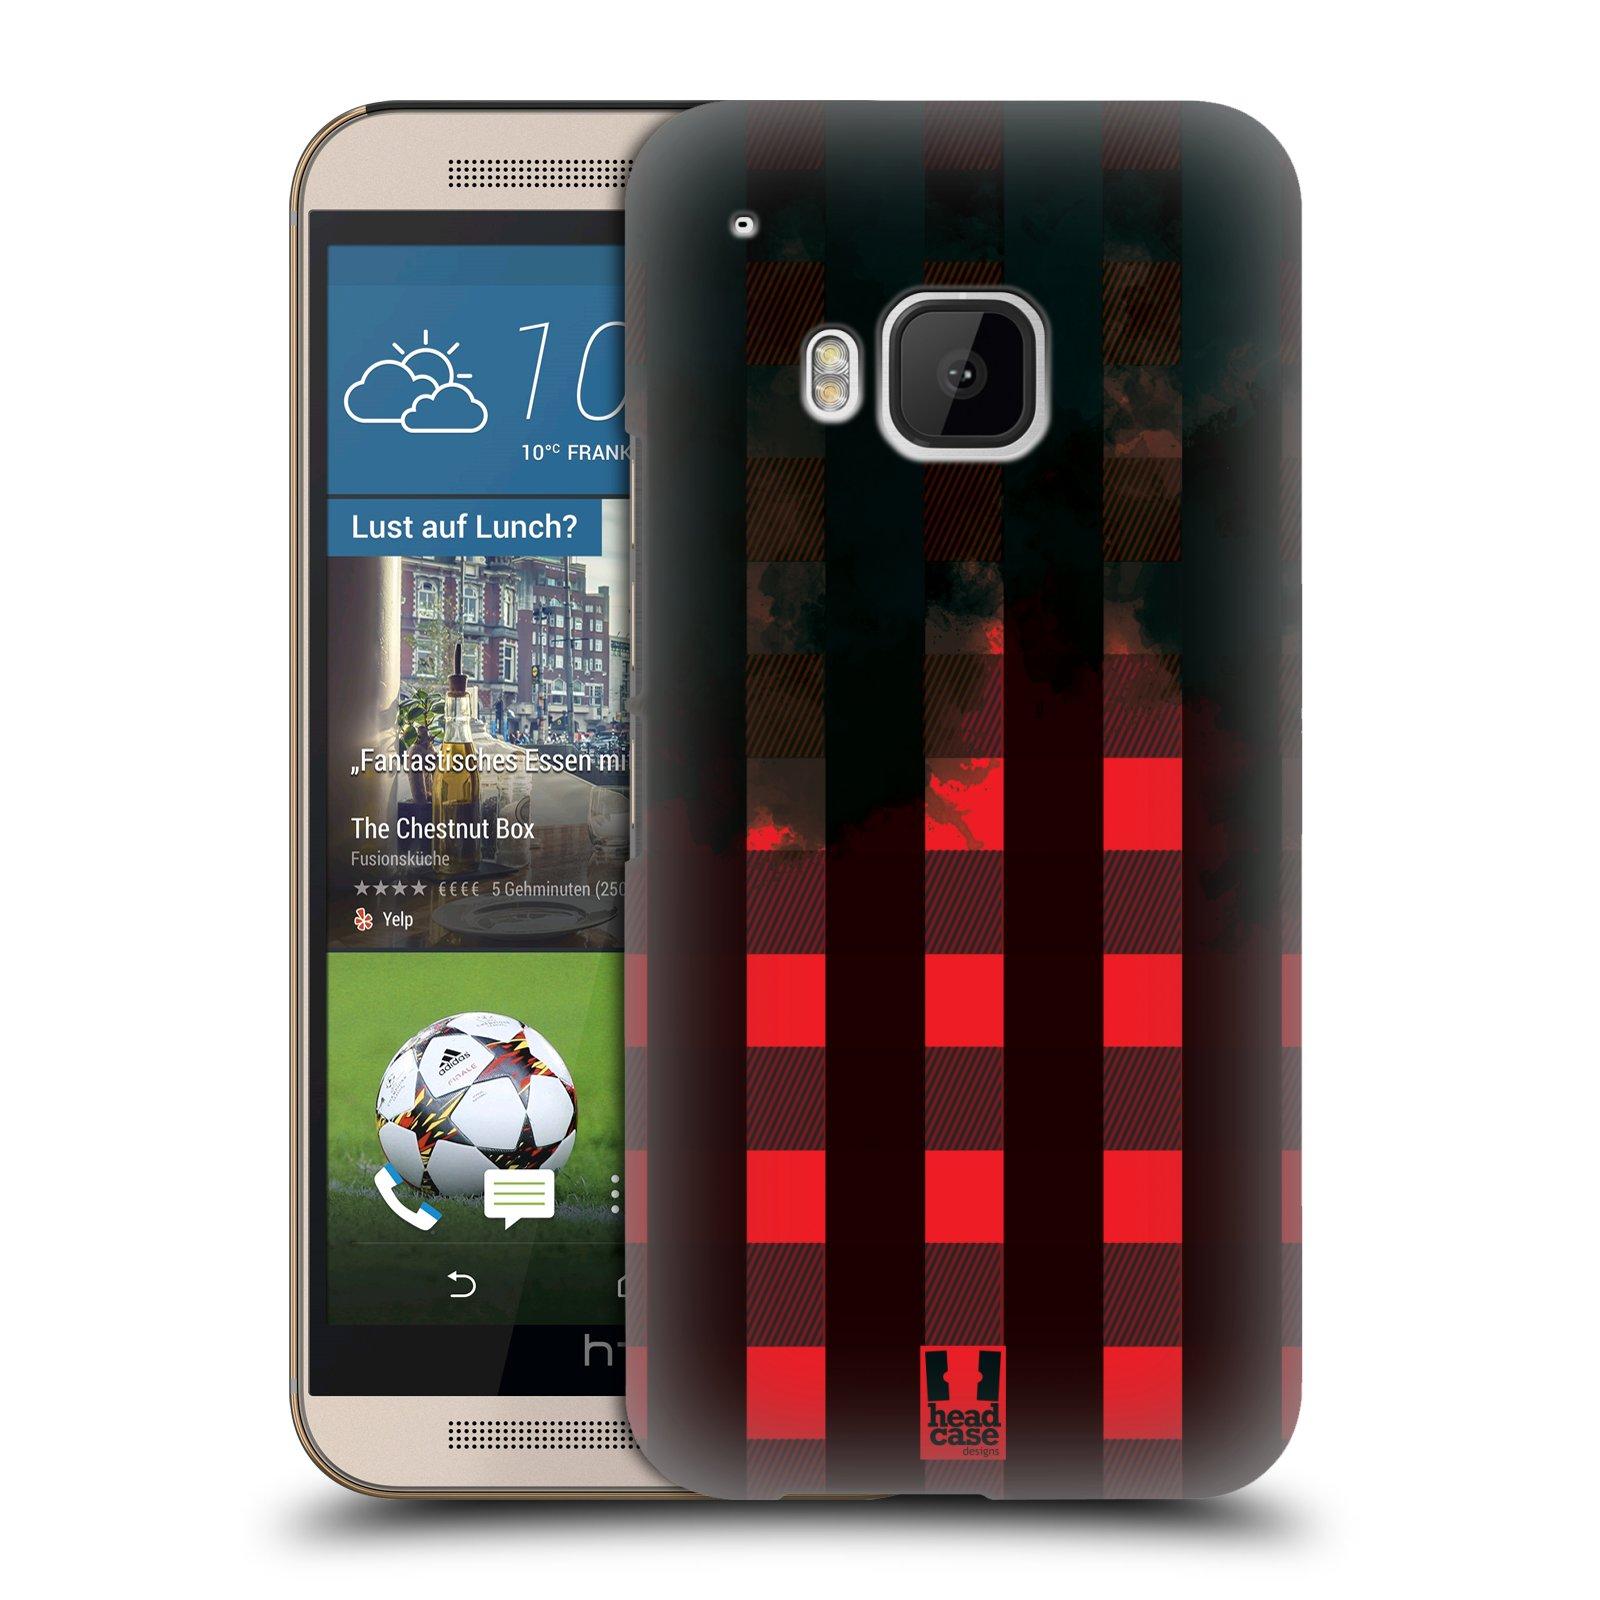 Plastové pouzdro na mobil HTC ONE M9 HEAD CASE FLANEL RED BLACK (Kryt či obal na mobilní telefon HTC ONE M9)